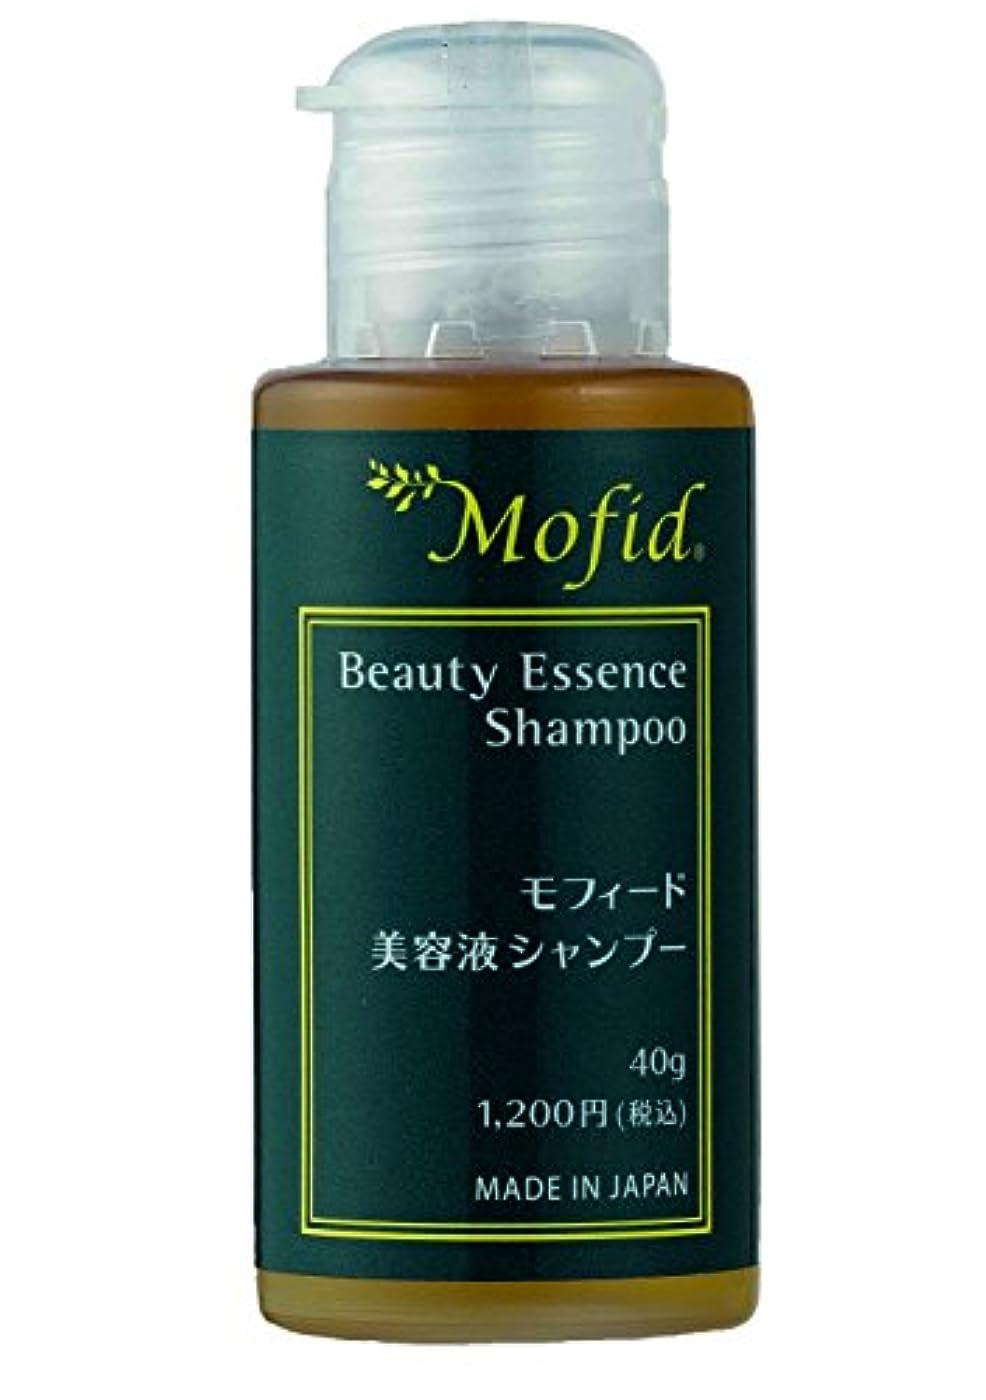 描くどんよりした過言日本製 モフィード 美容液 シャンプー 40g 【ハラル Halal 認証 シャンプー】 Mofid Beauty Serum Shampoo